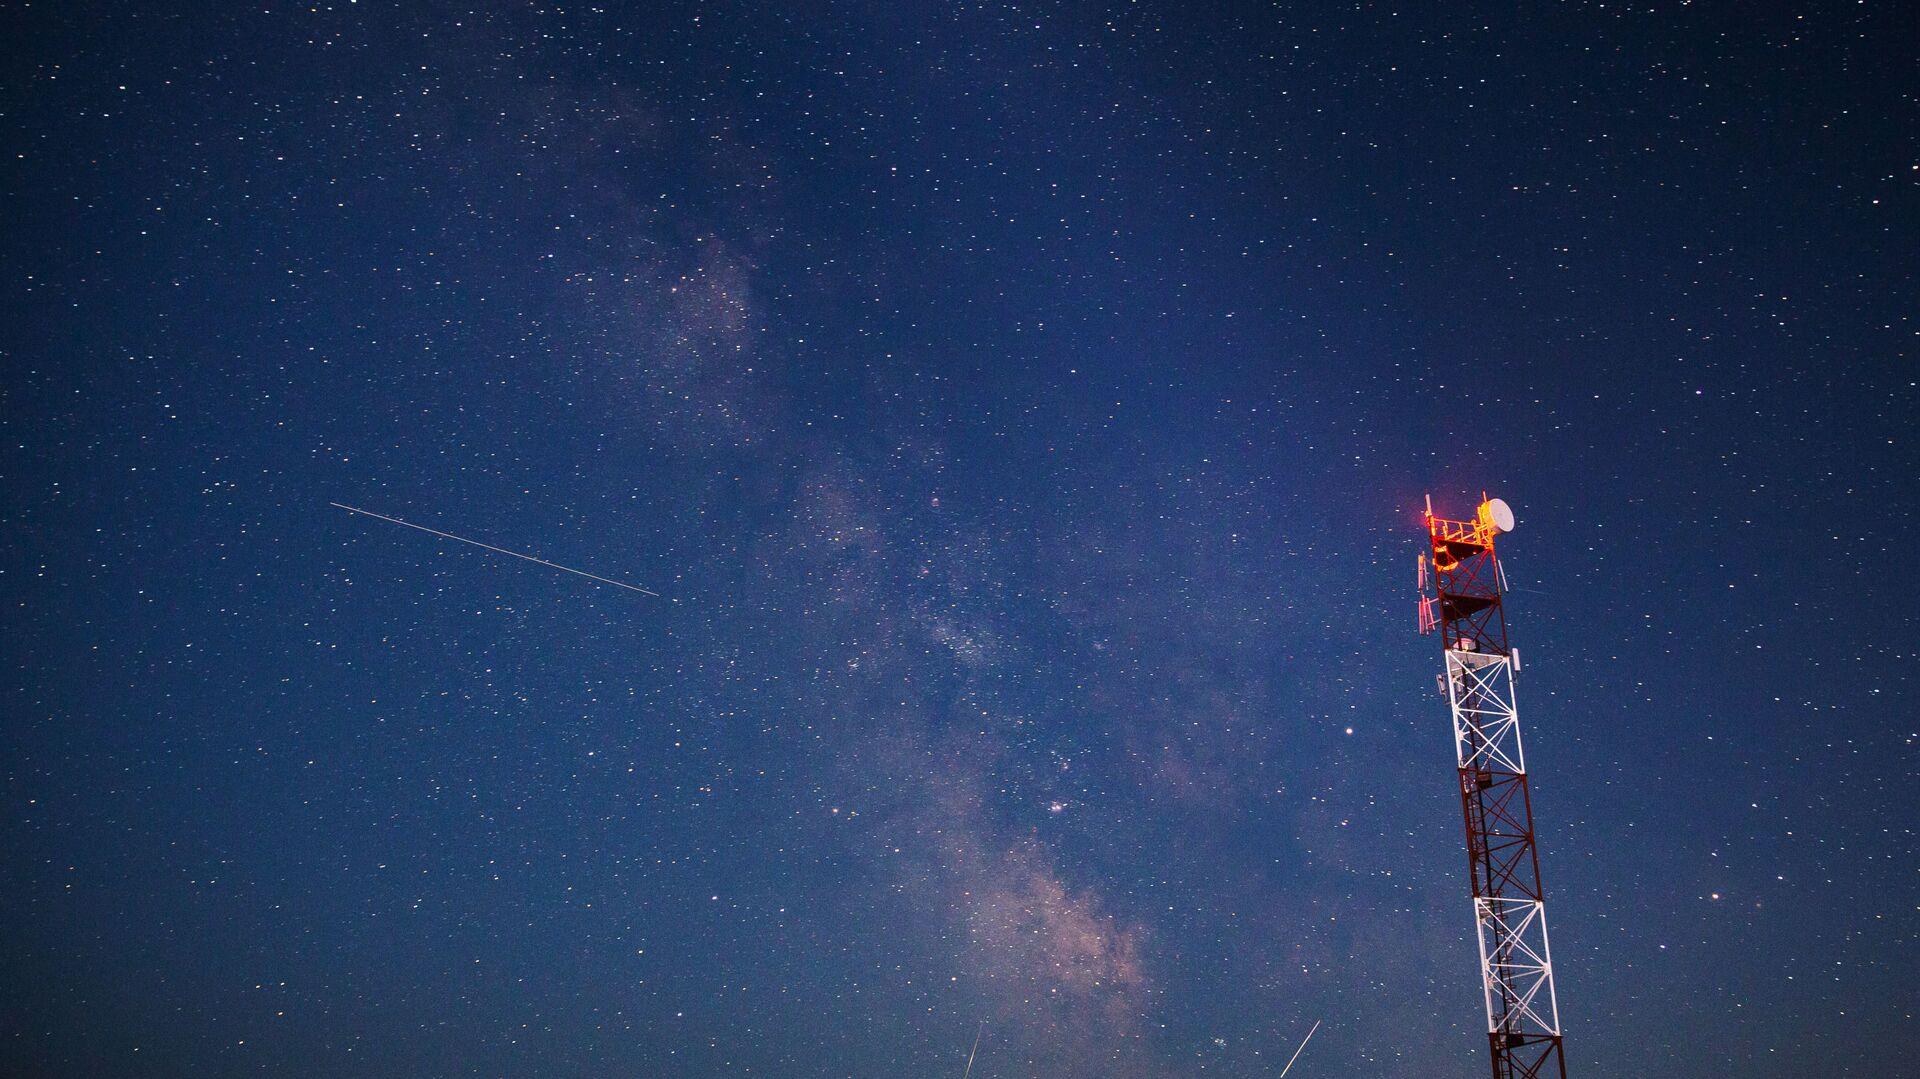 Метеорный поток Персеиды - звездное небо - Sputnik Грузия, 1920, 05.10.2021